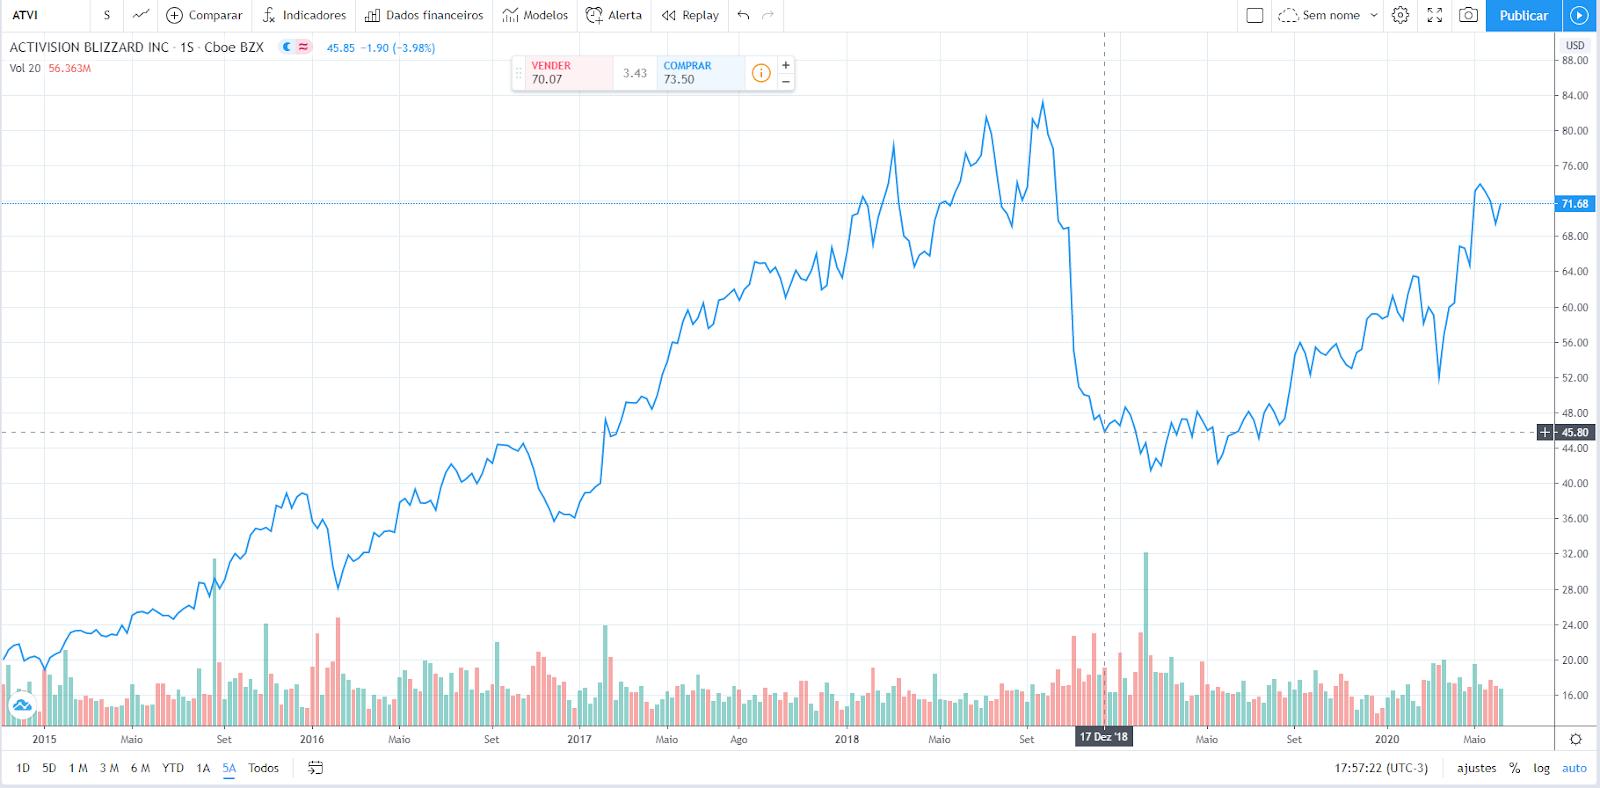 Valor de ações da Activision-Blizzard